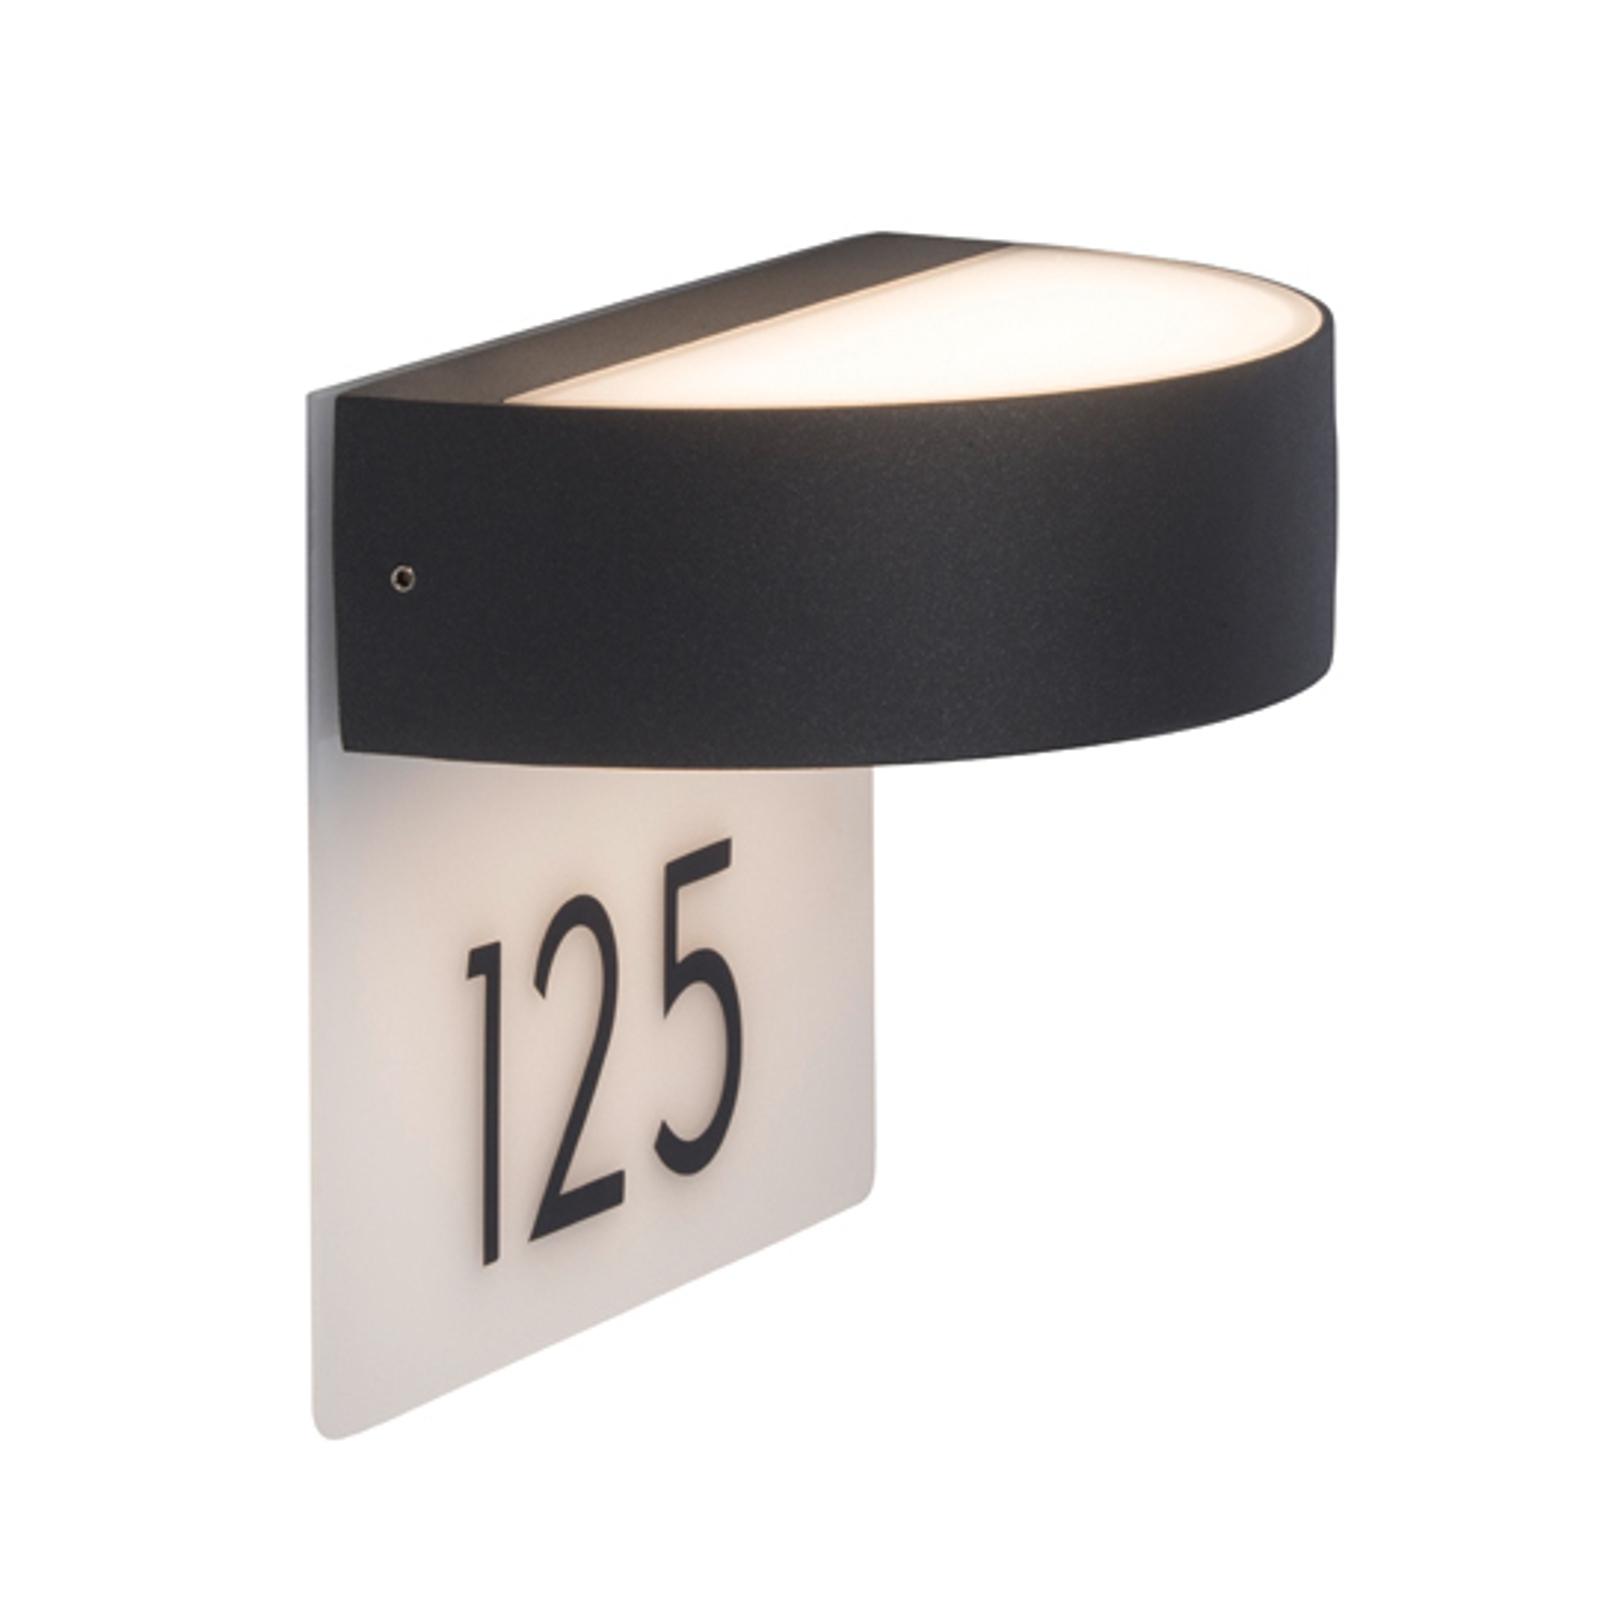 AEG Monido LED-Hausnummernleuchte